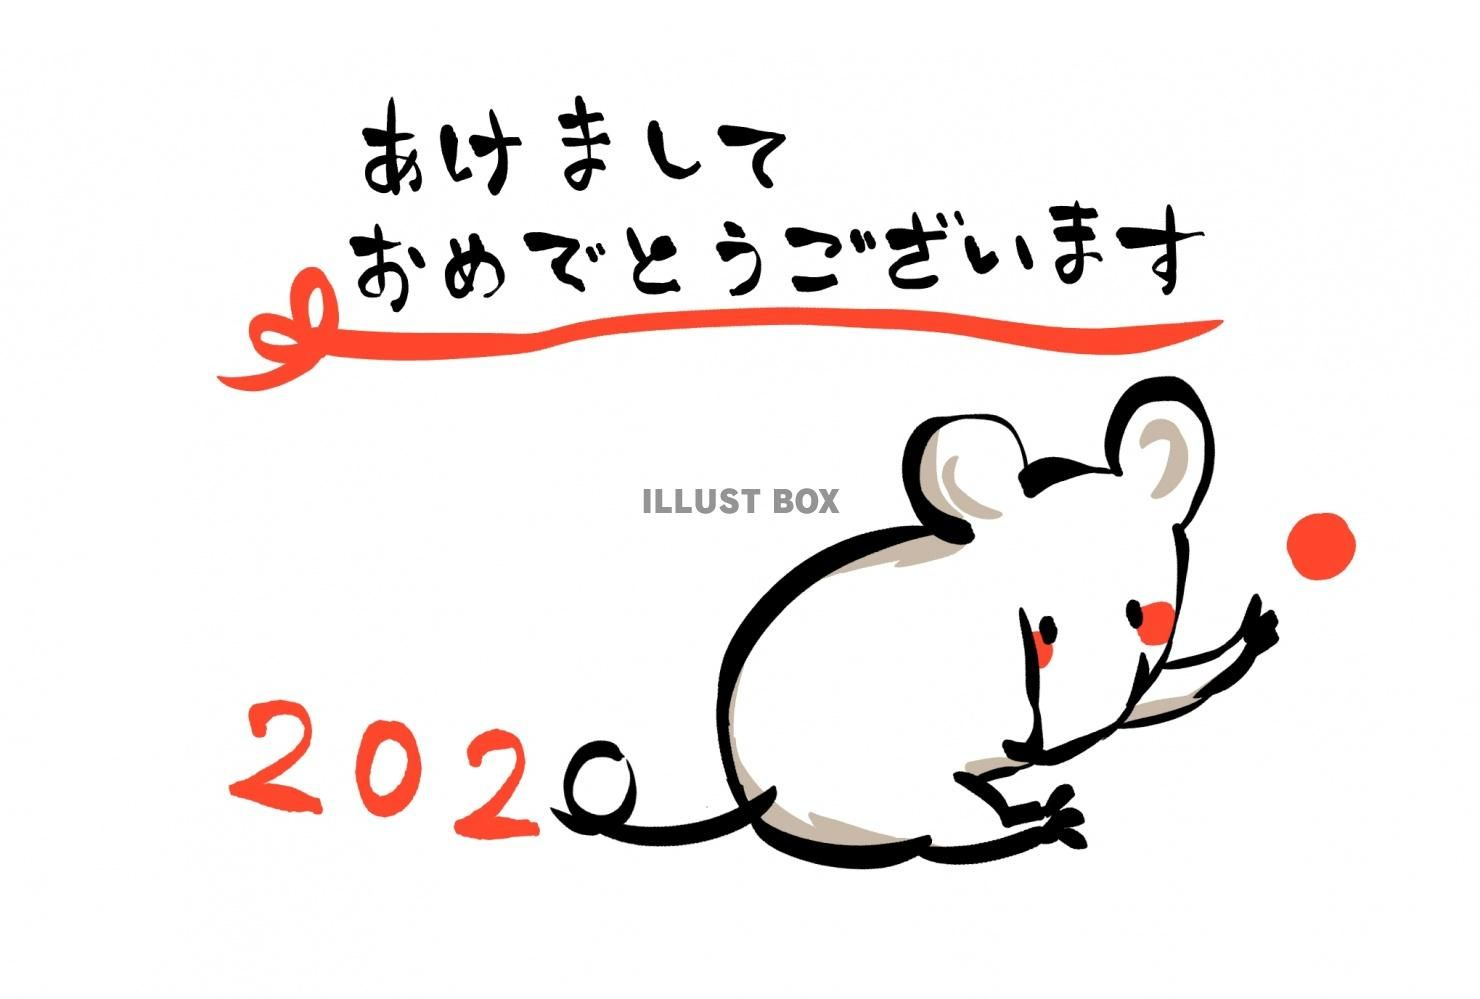 無料イラスト 手書き風のネズミイラスト【2019】